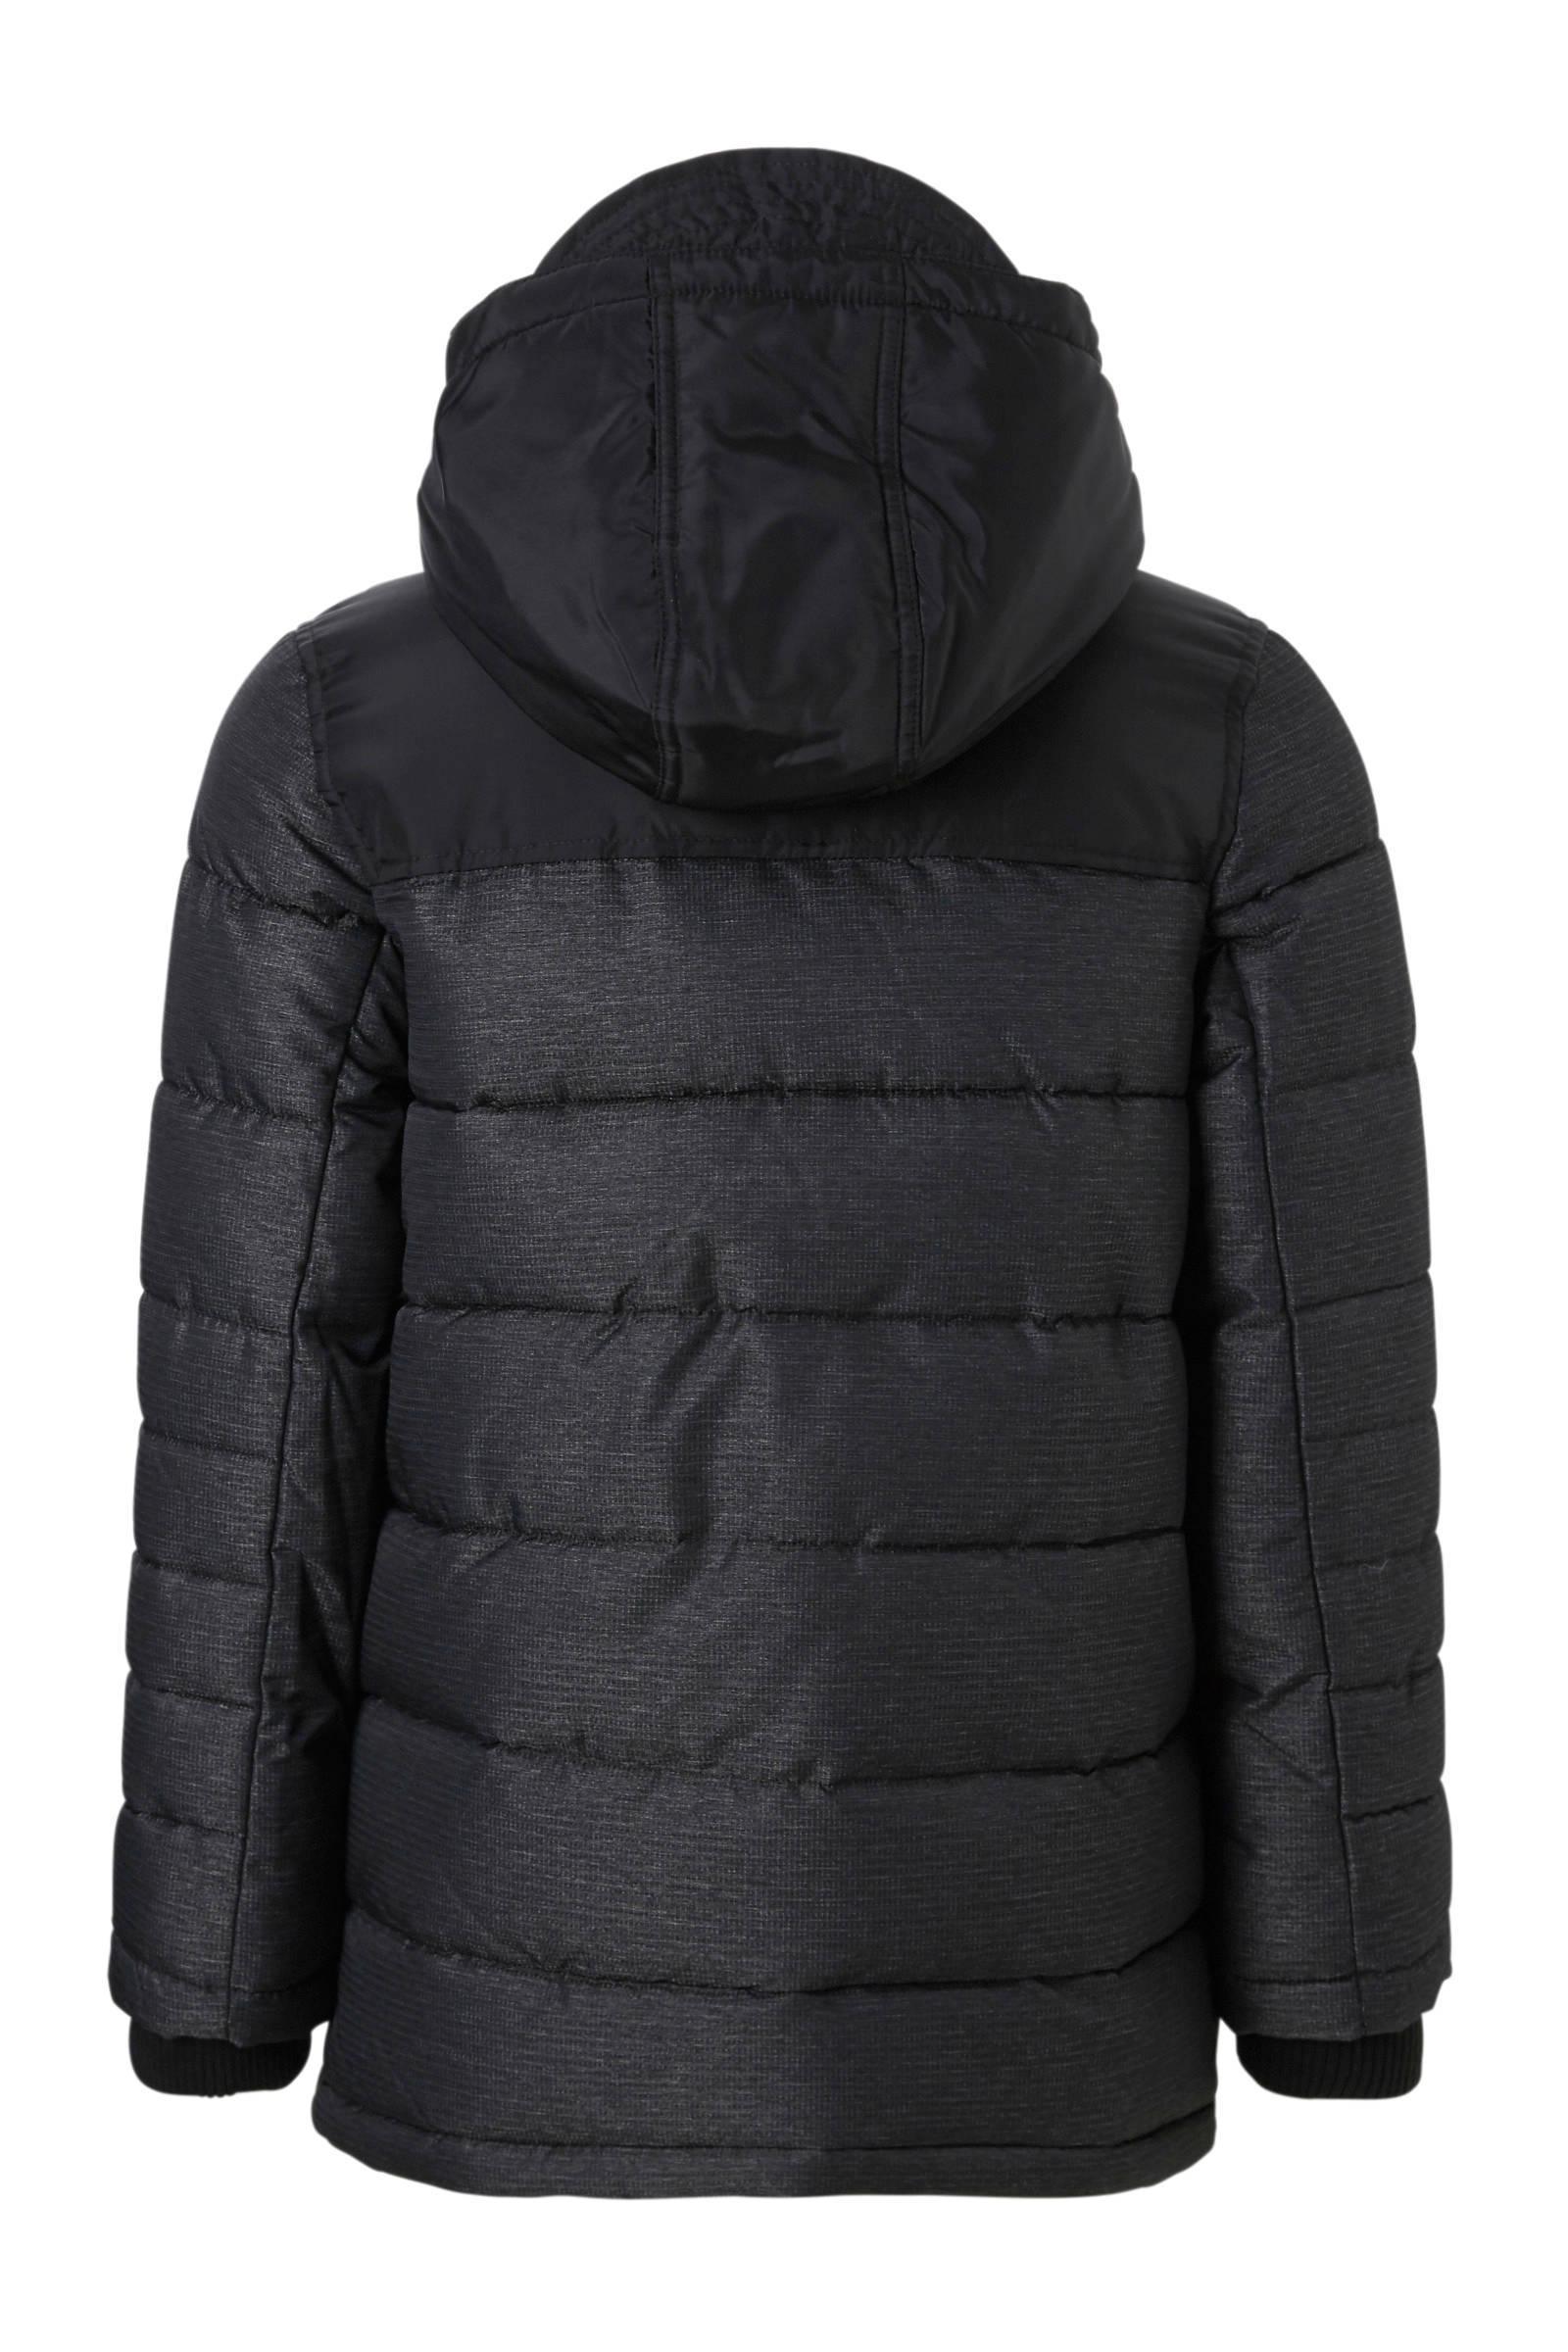 C&A Here & There winterjas zwart | wehkamp